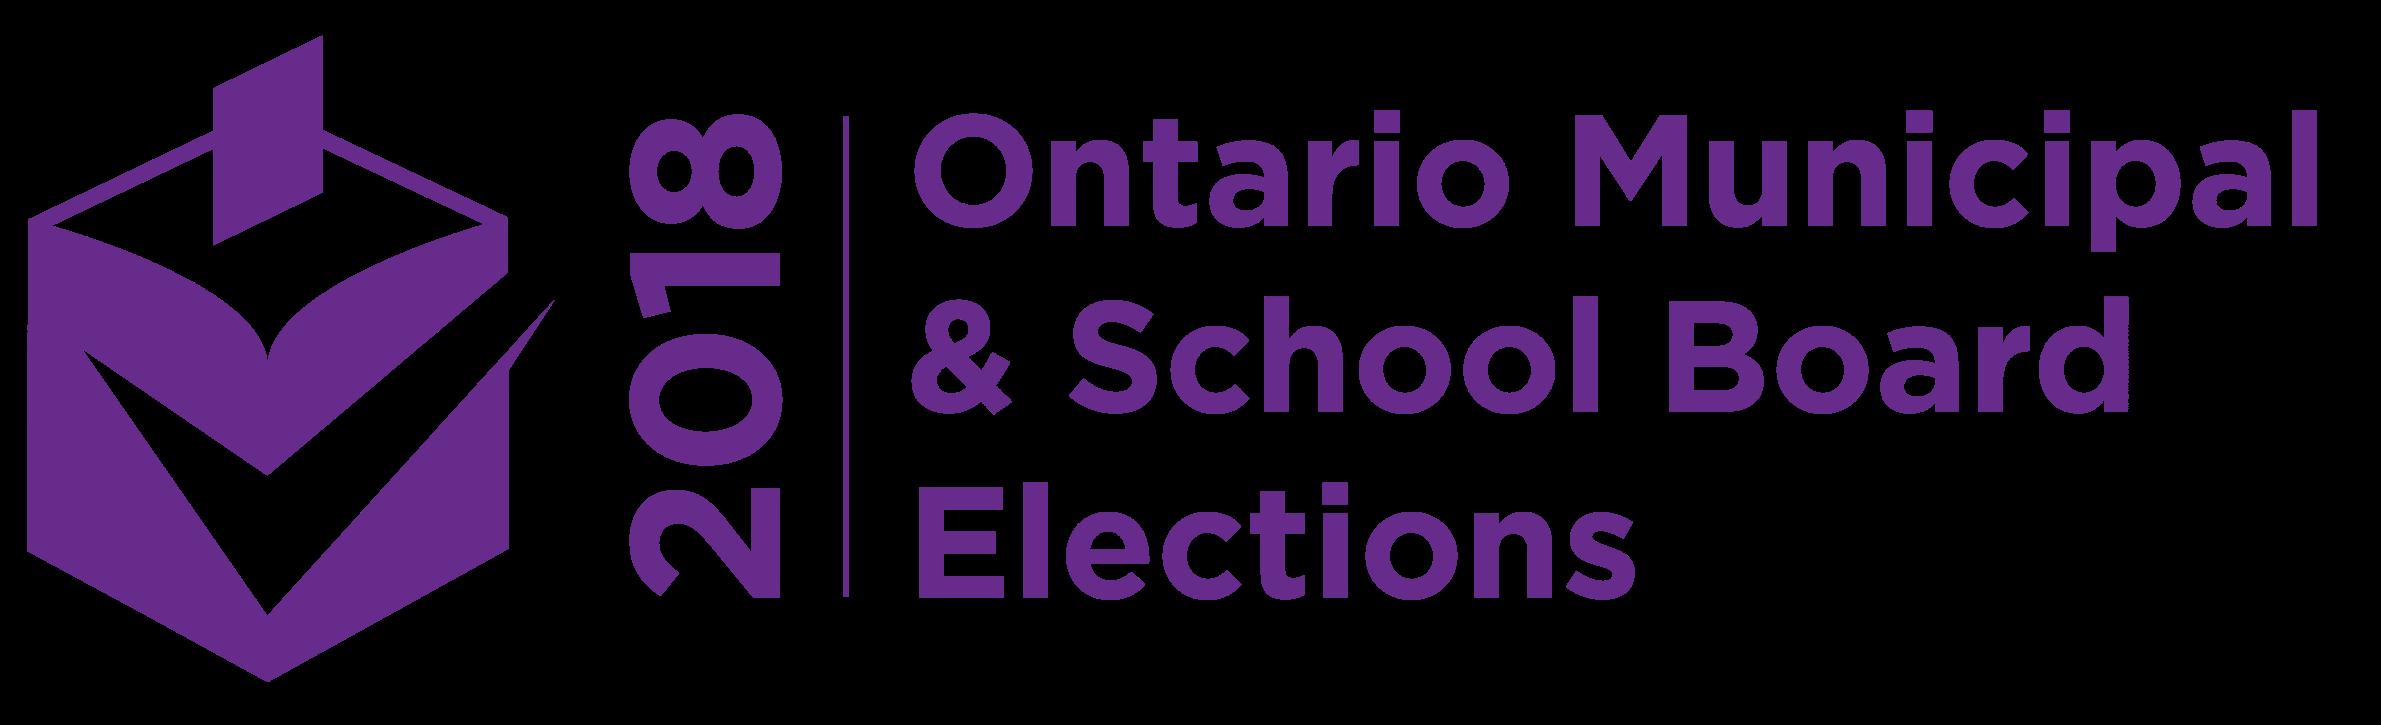 ontario municipal & school board elections logo